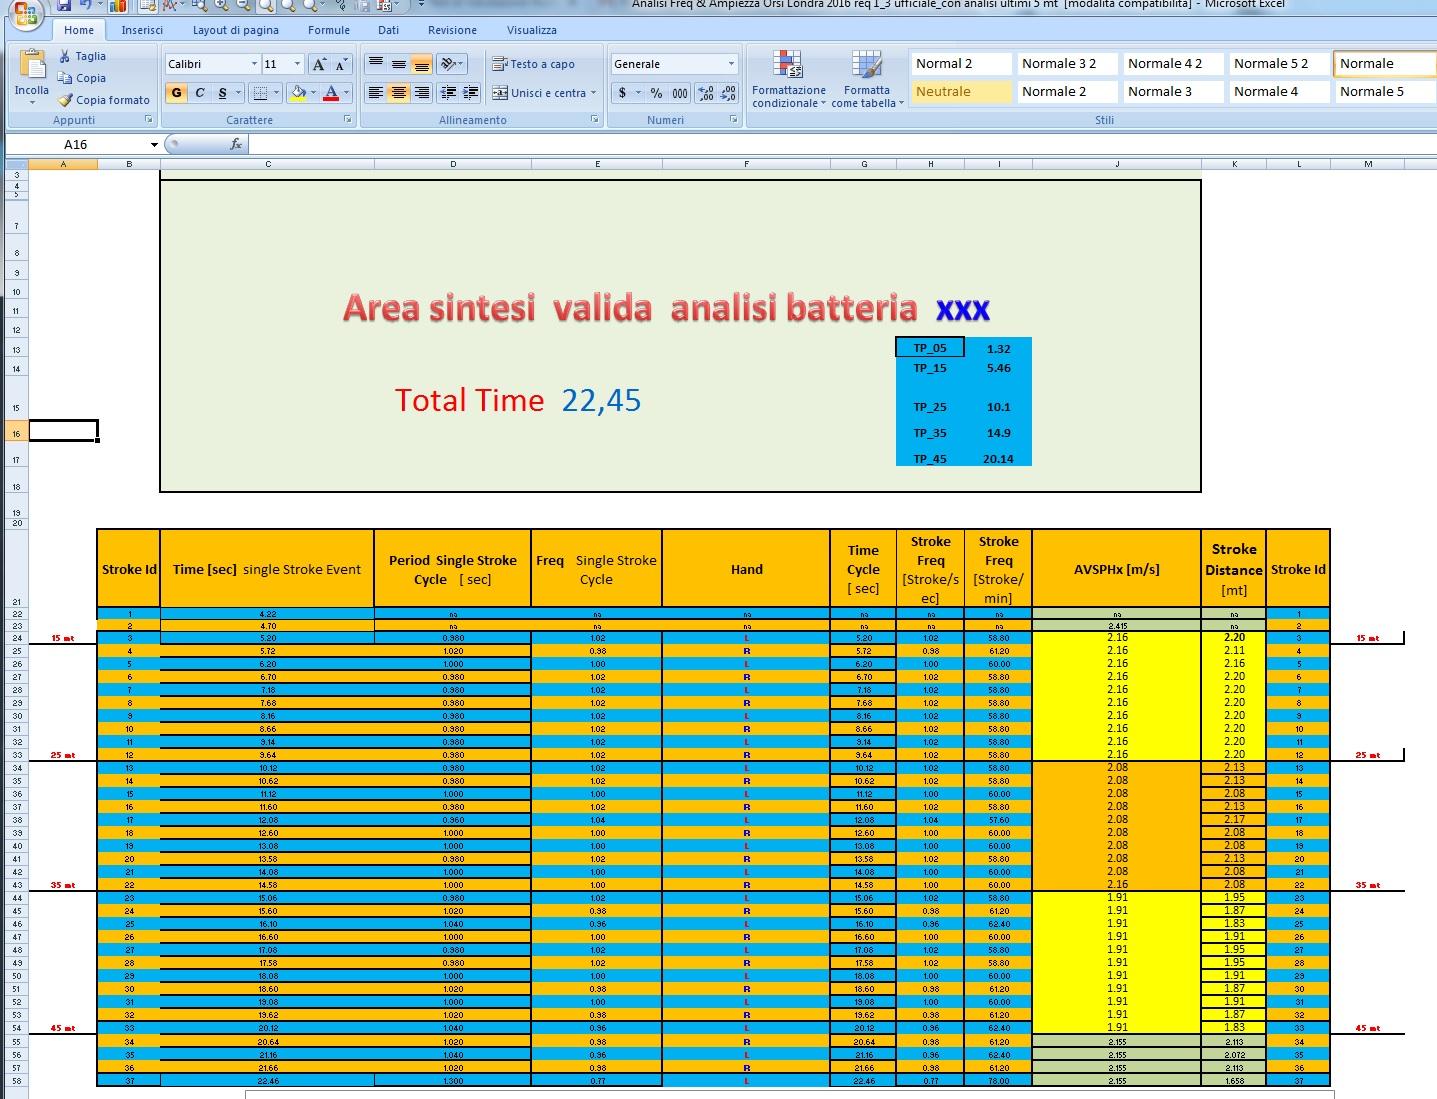 6 - Area dati elaborati dal processo di videoanalisi